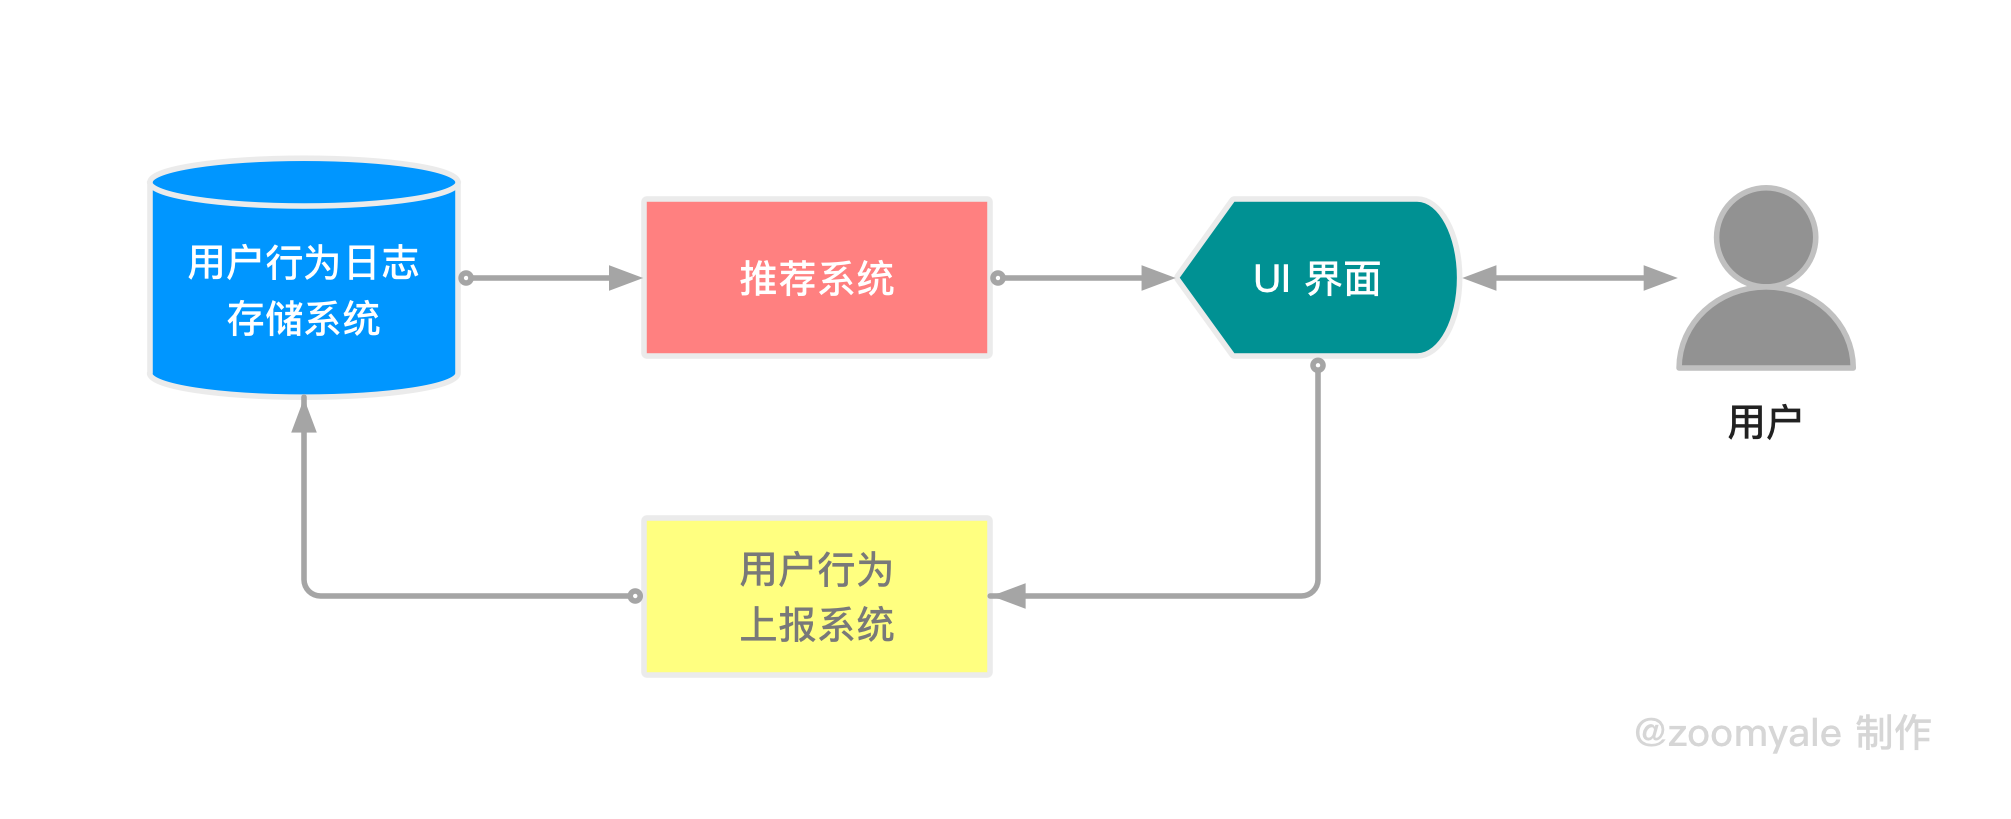 算法推荐框架